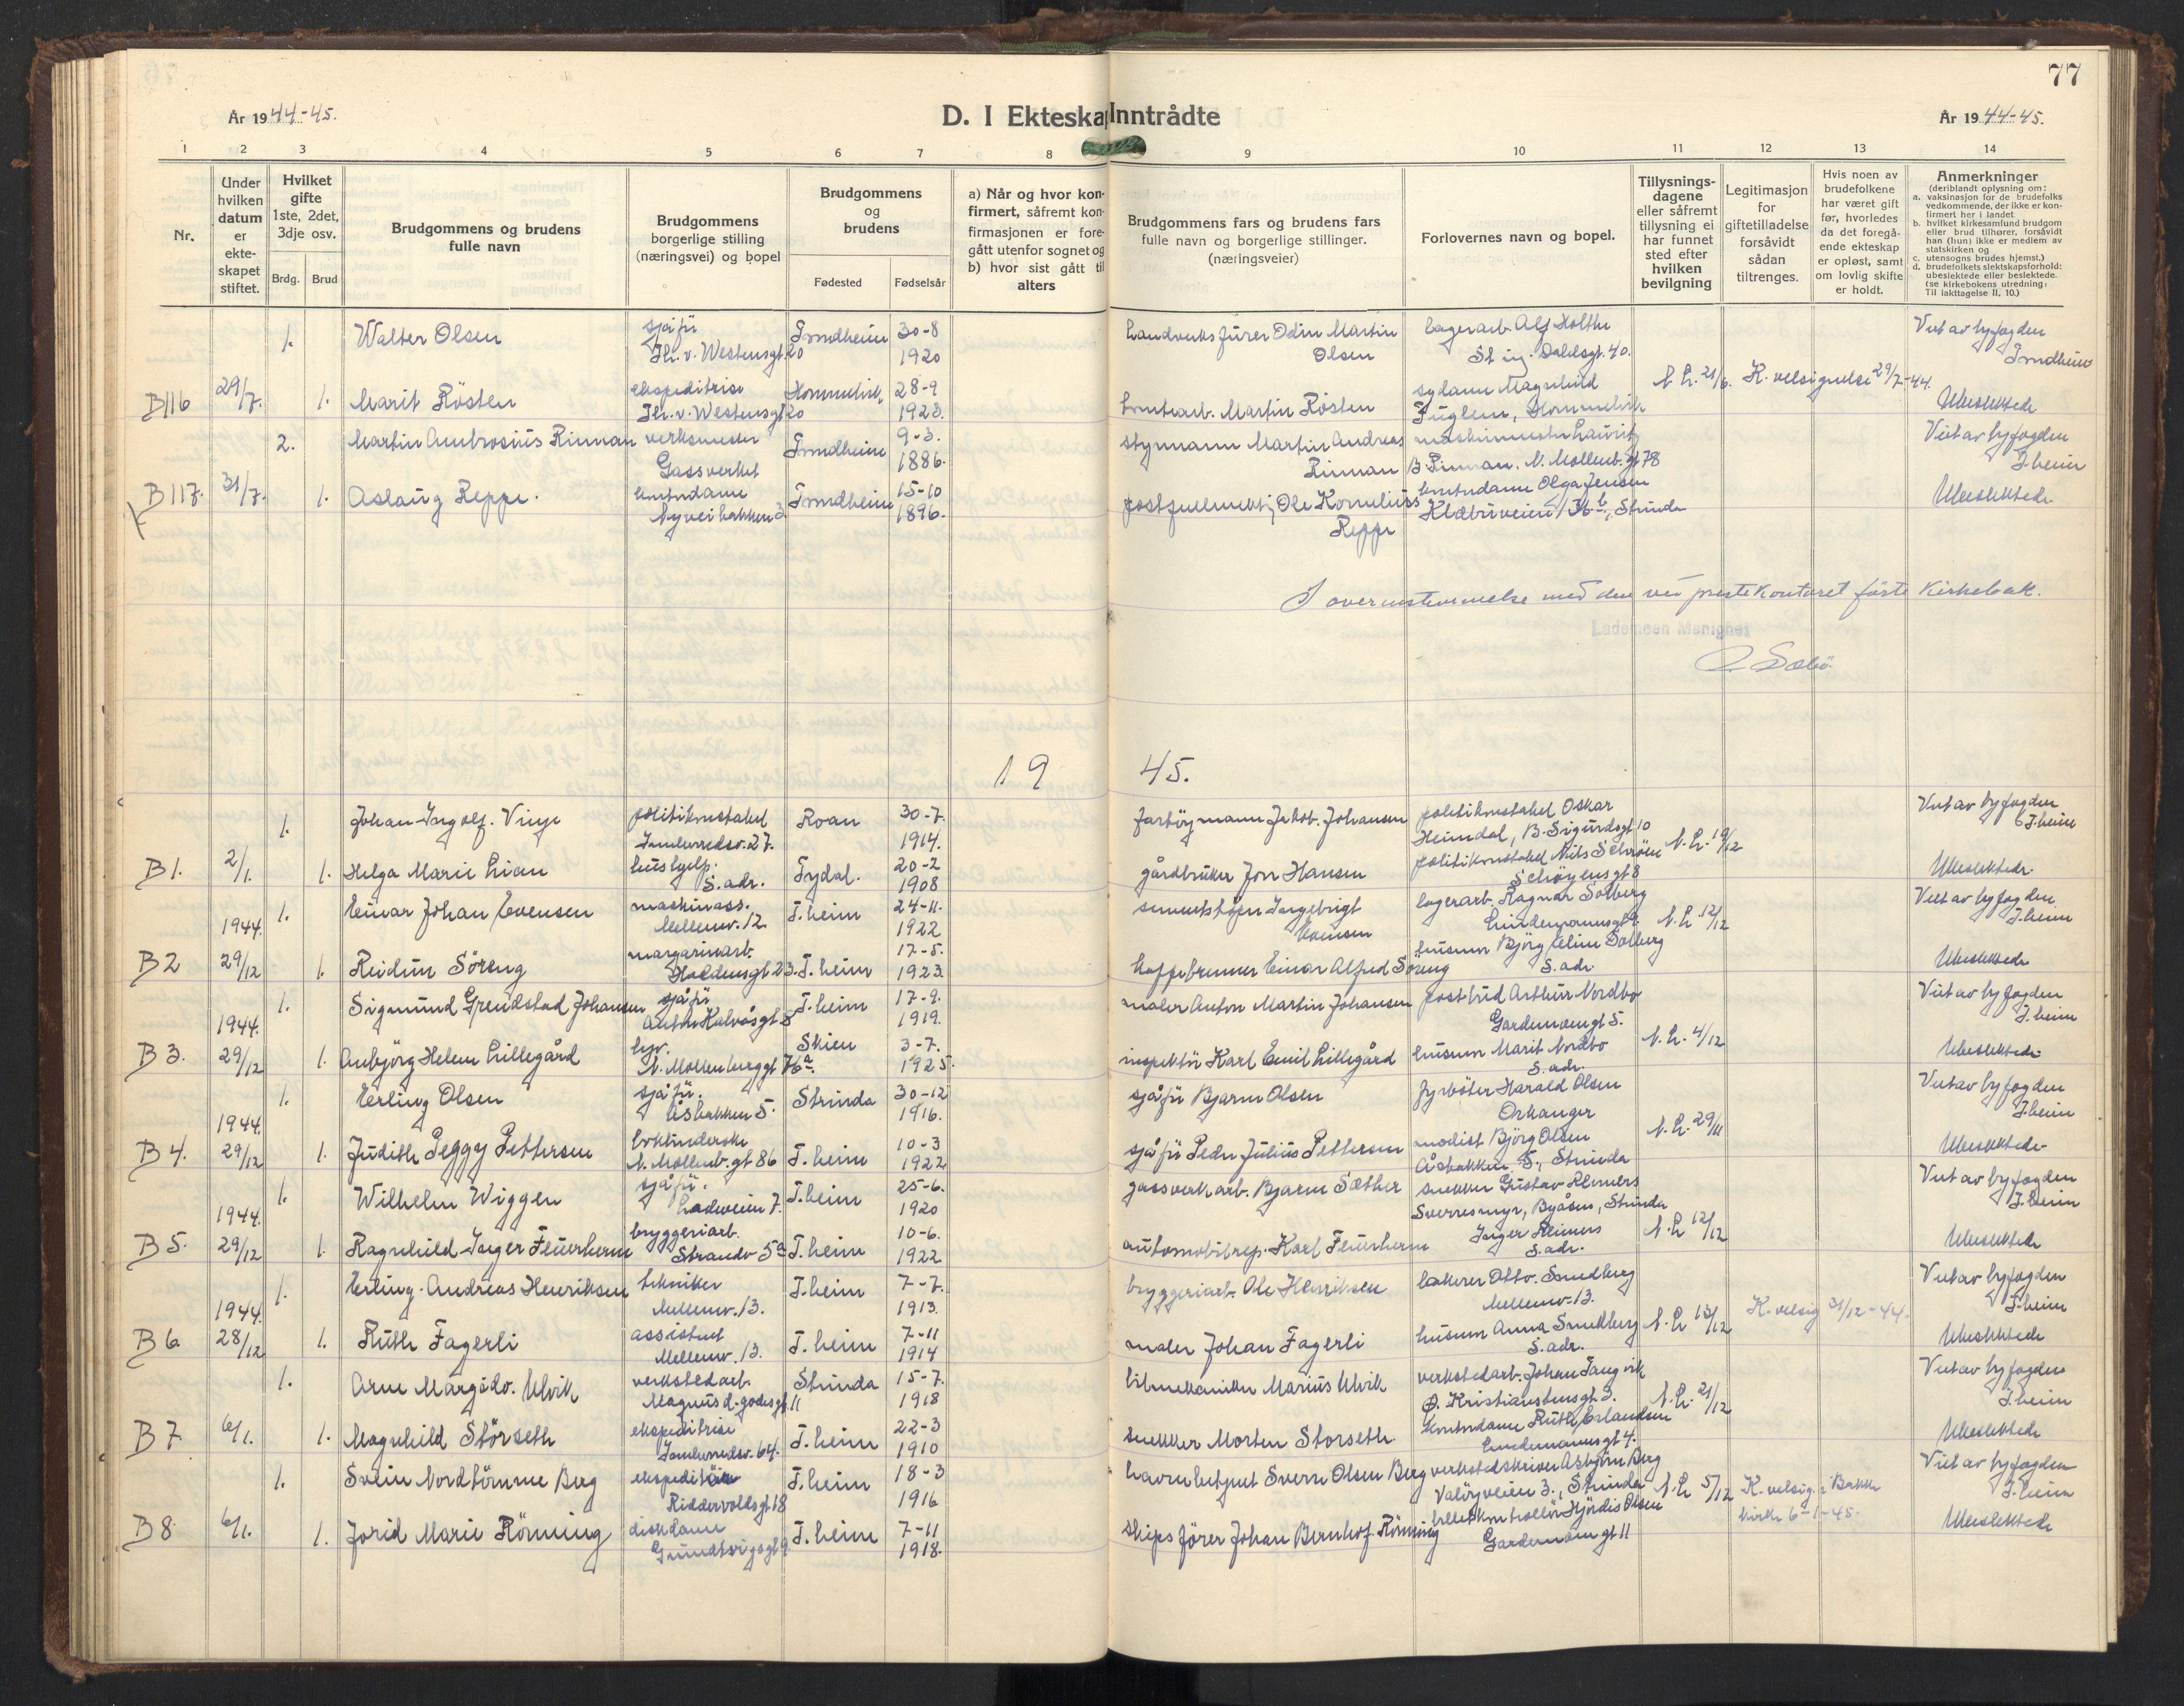 SAT, Ministerialprotokoller, klokkerbøker og fødselsregistre - Sør-Trøndelag, 605/L0263: Klokkerbok nr. 605C10, 1938-1949, s. 77